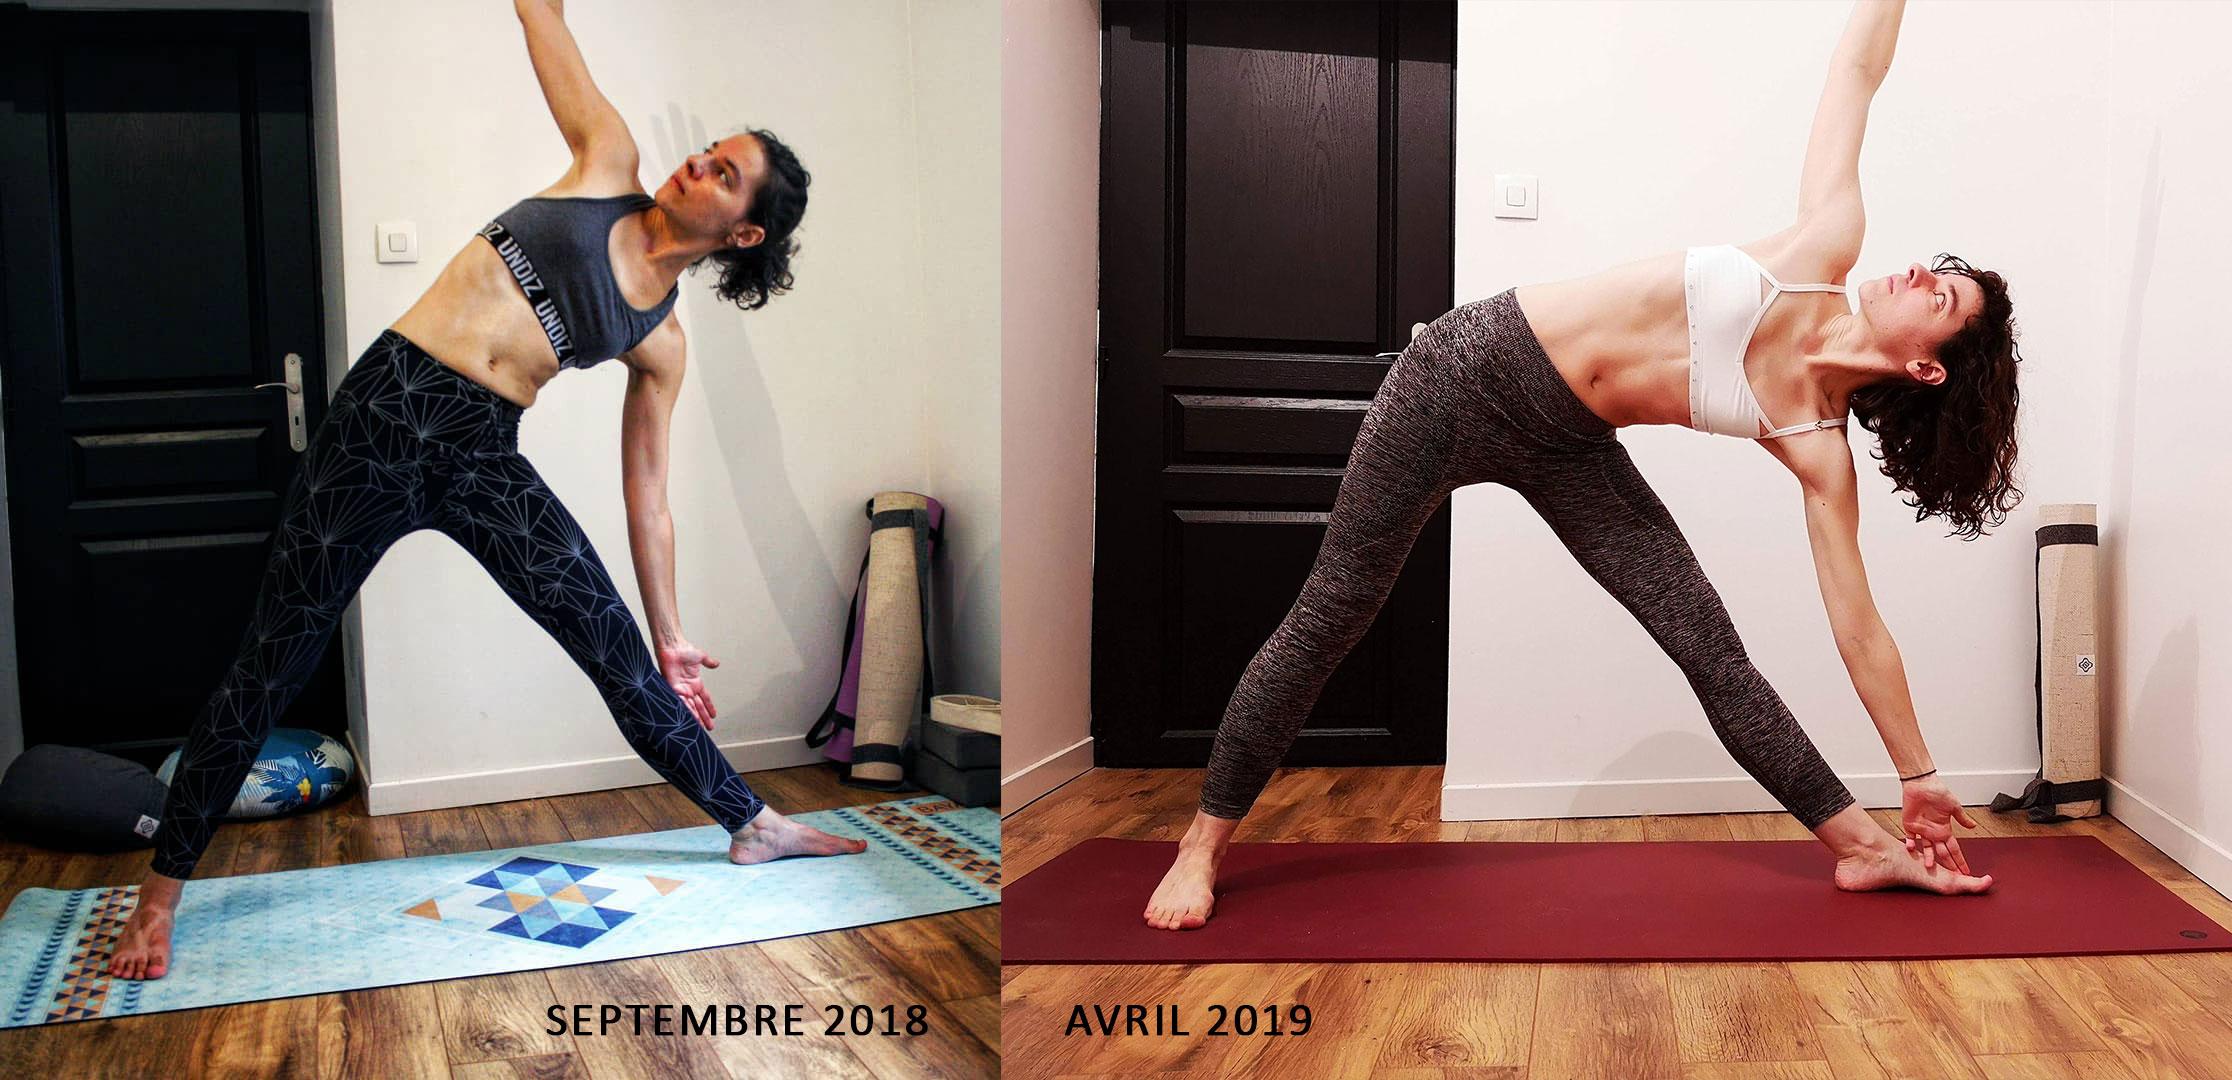 Evolution posture du triangle trikonasana au yoga